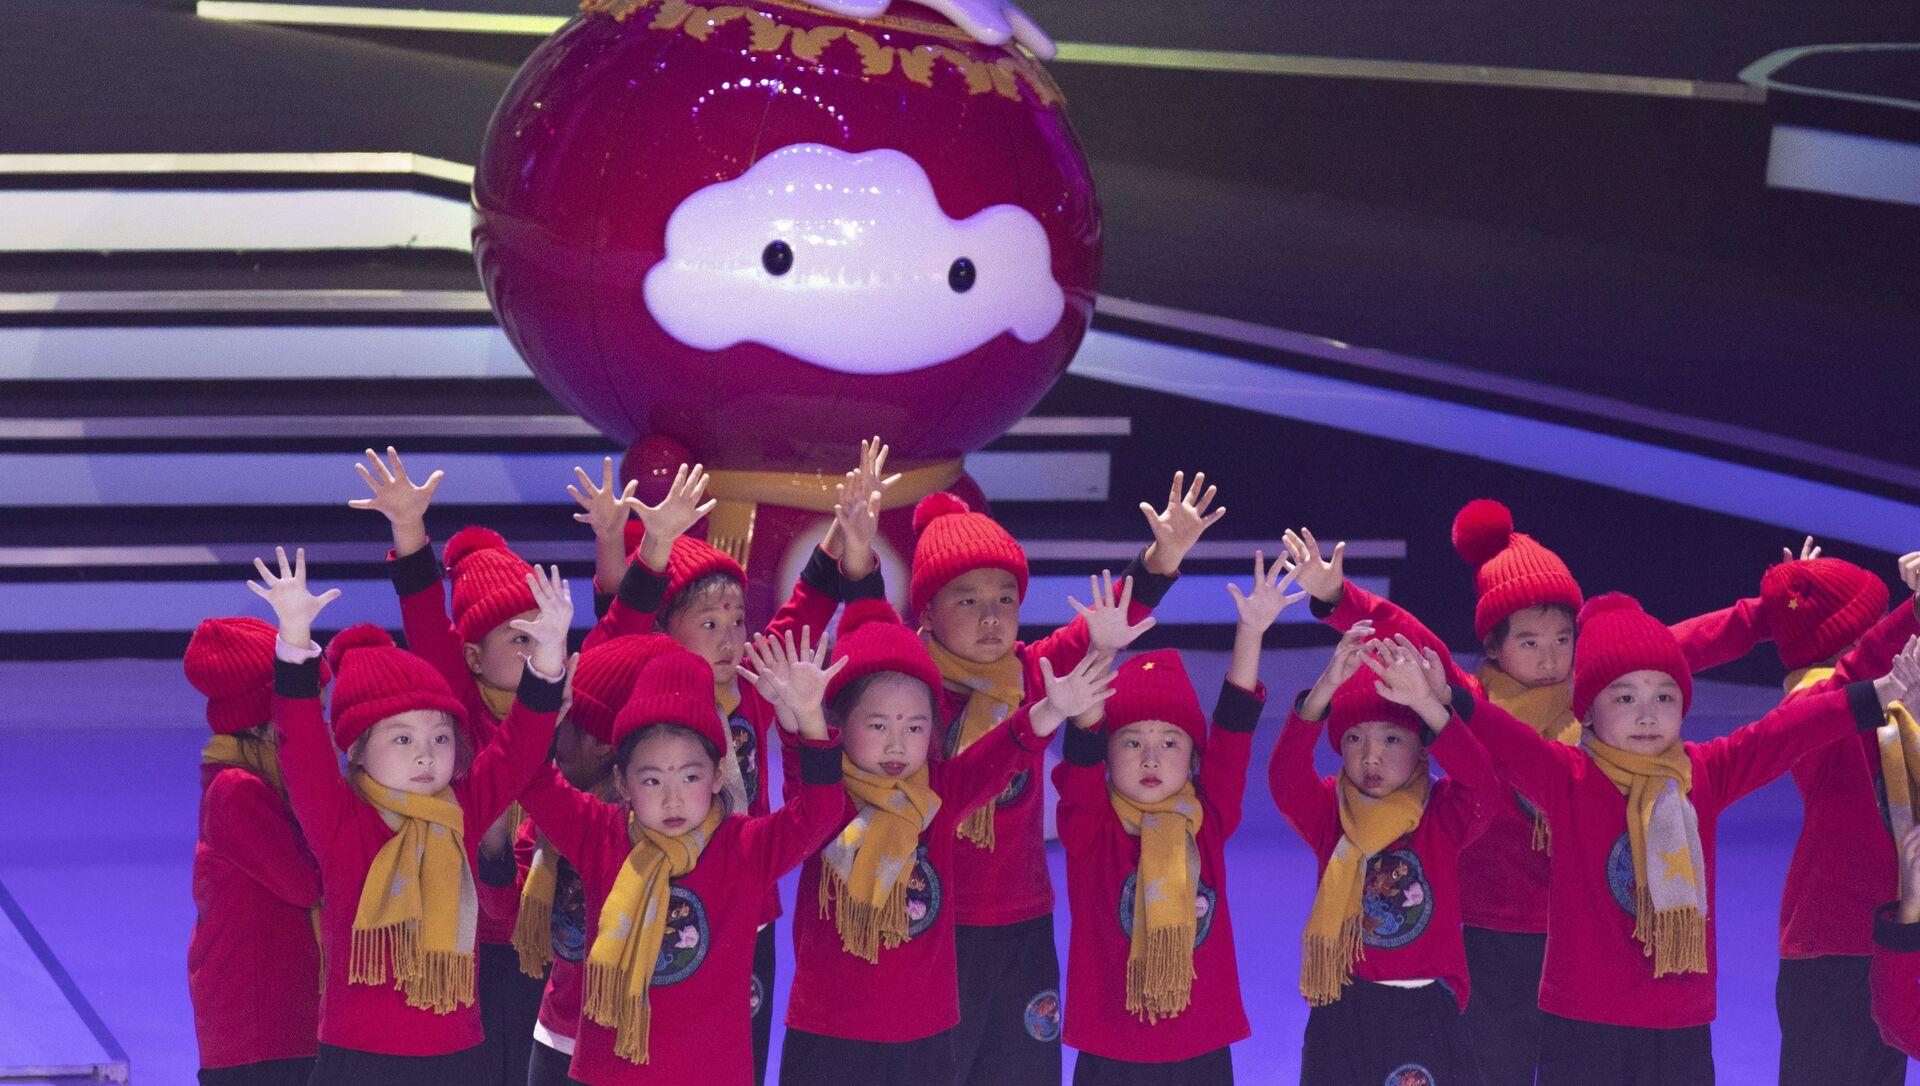 北京オリンピックのマスコット - Sputnik 日本, 1920, 30.09.2021